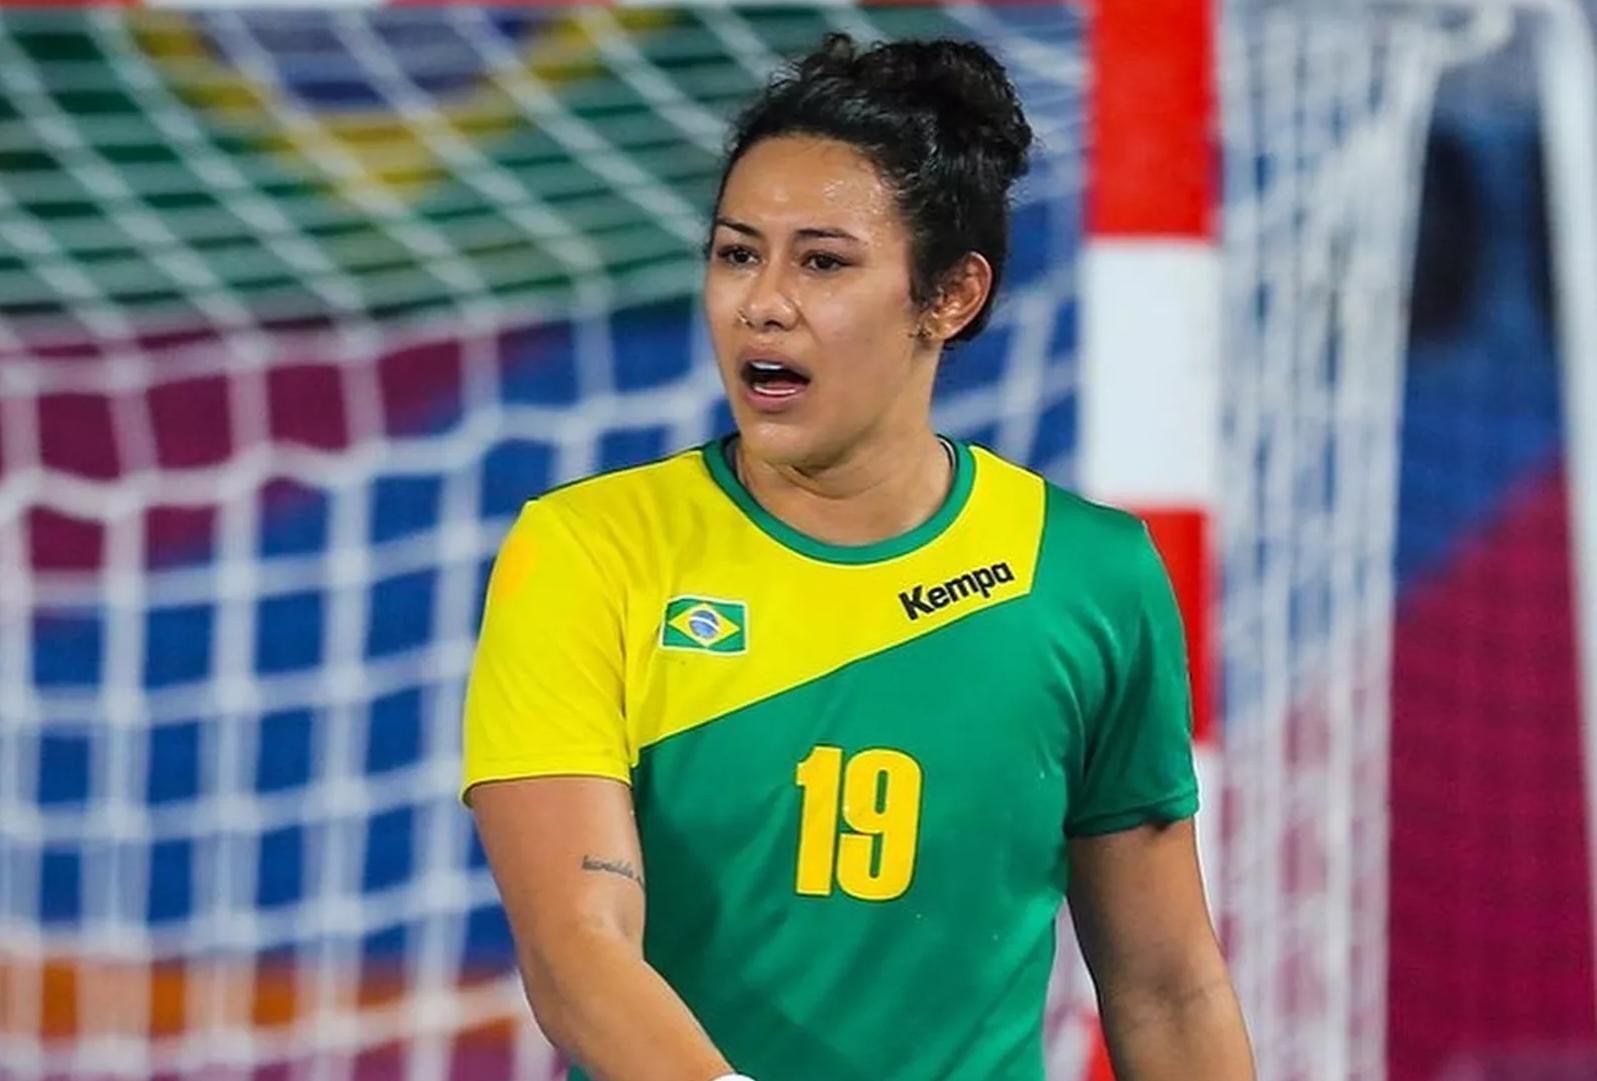 Escândalo de doping obriga CBHb a cortar Elaine Gomes do Mundial de handebol